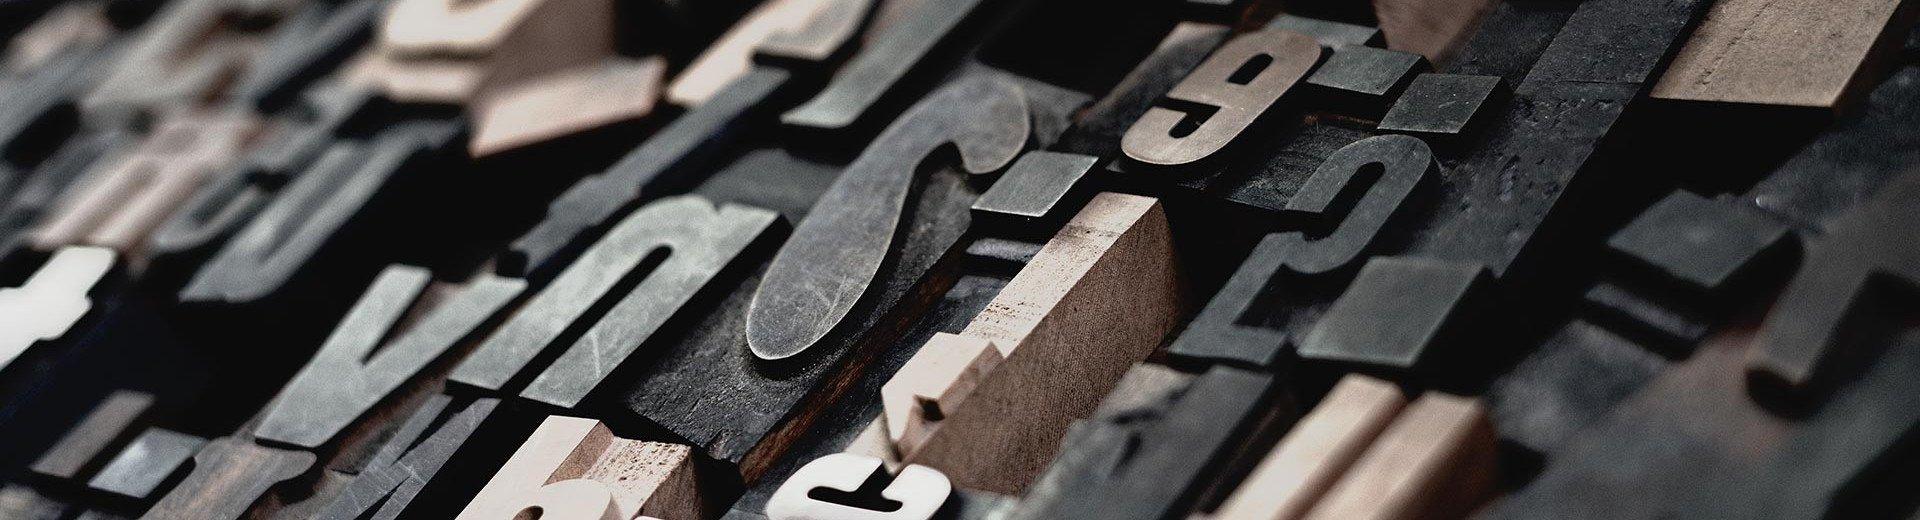 Okładka artykułu Darmowe fonty z polskimi znakami — Część #53